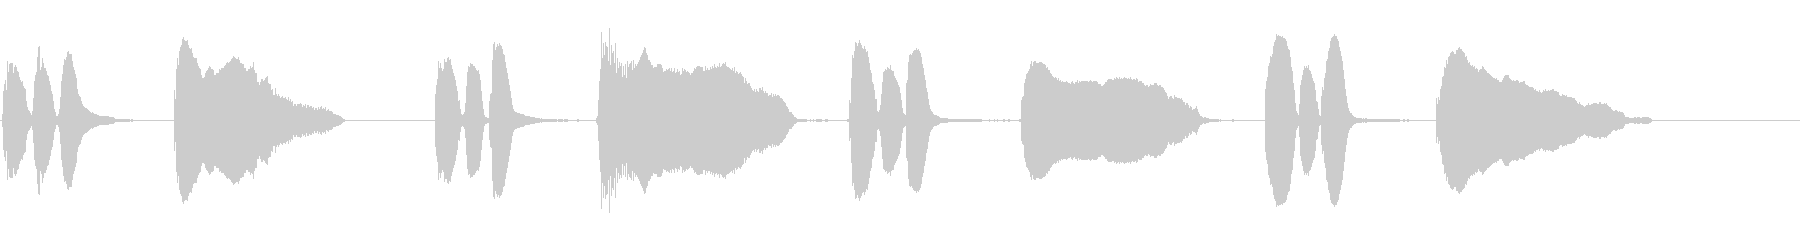 バイオリン:短いスライドでこっそり...の未再生の波形